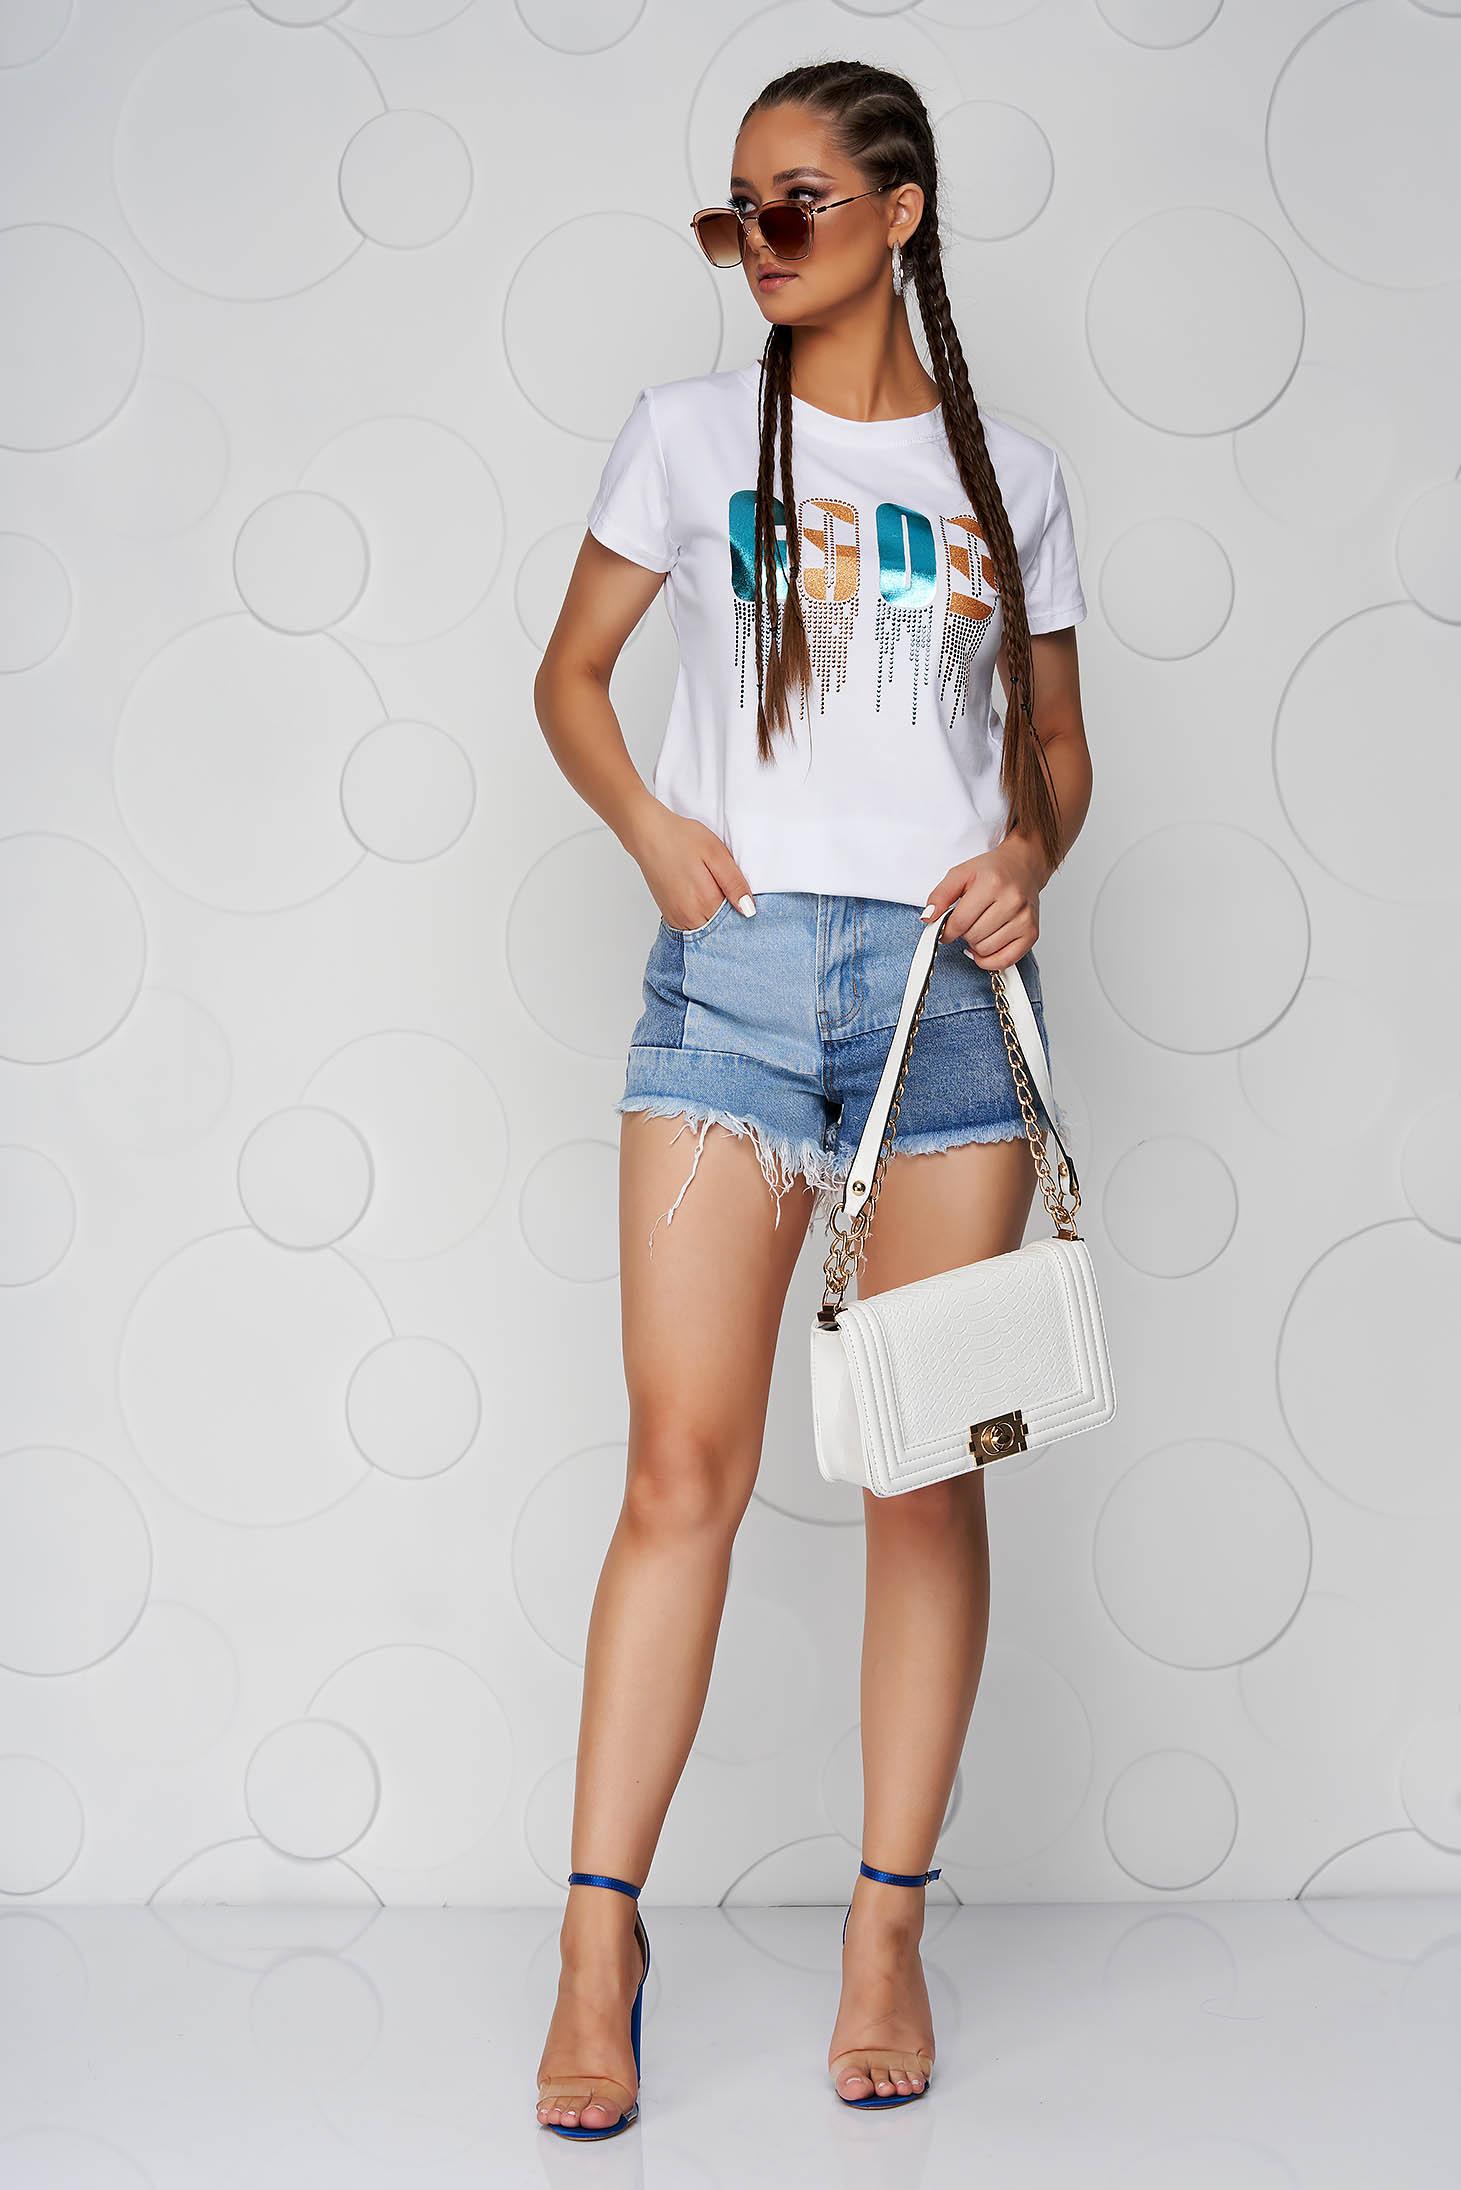 Fehér pamutból készült bő szabású póló kerekített dekoltázssal grafikai díszítéssel